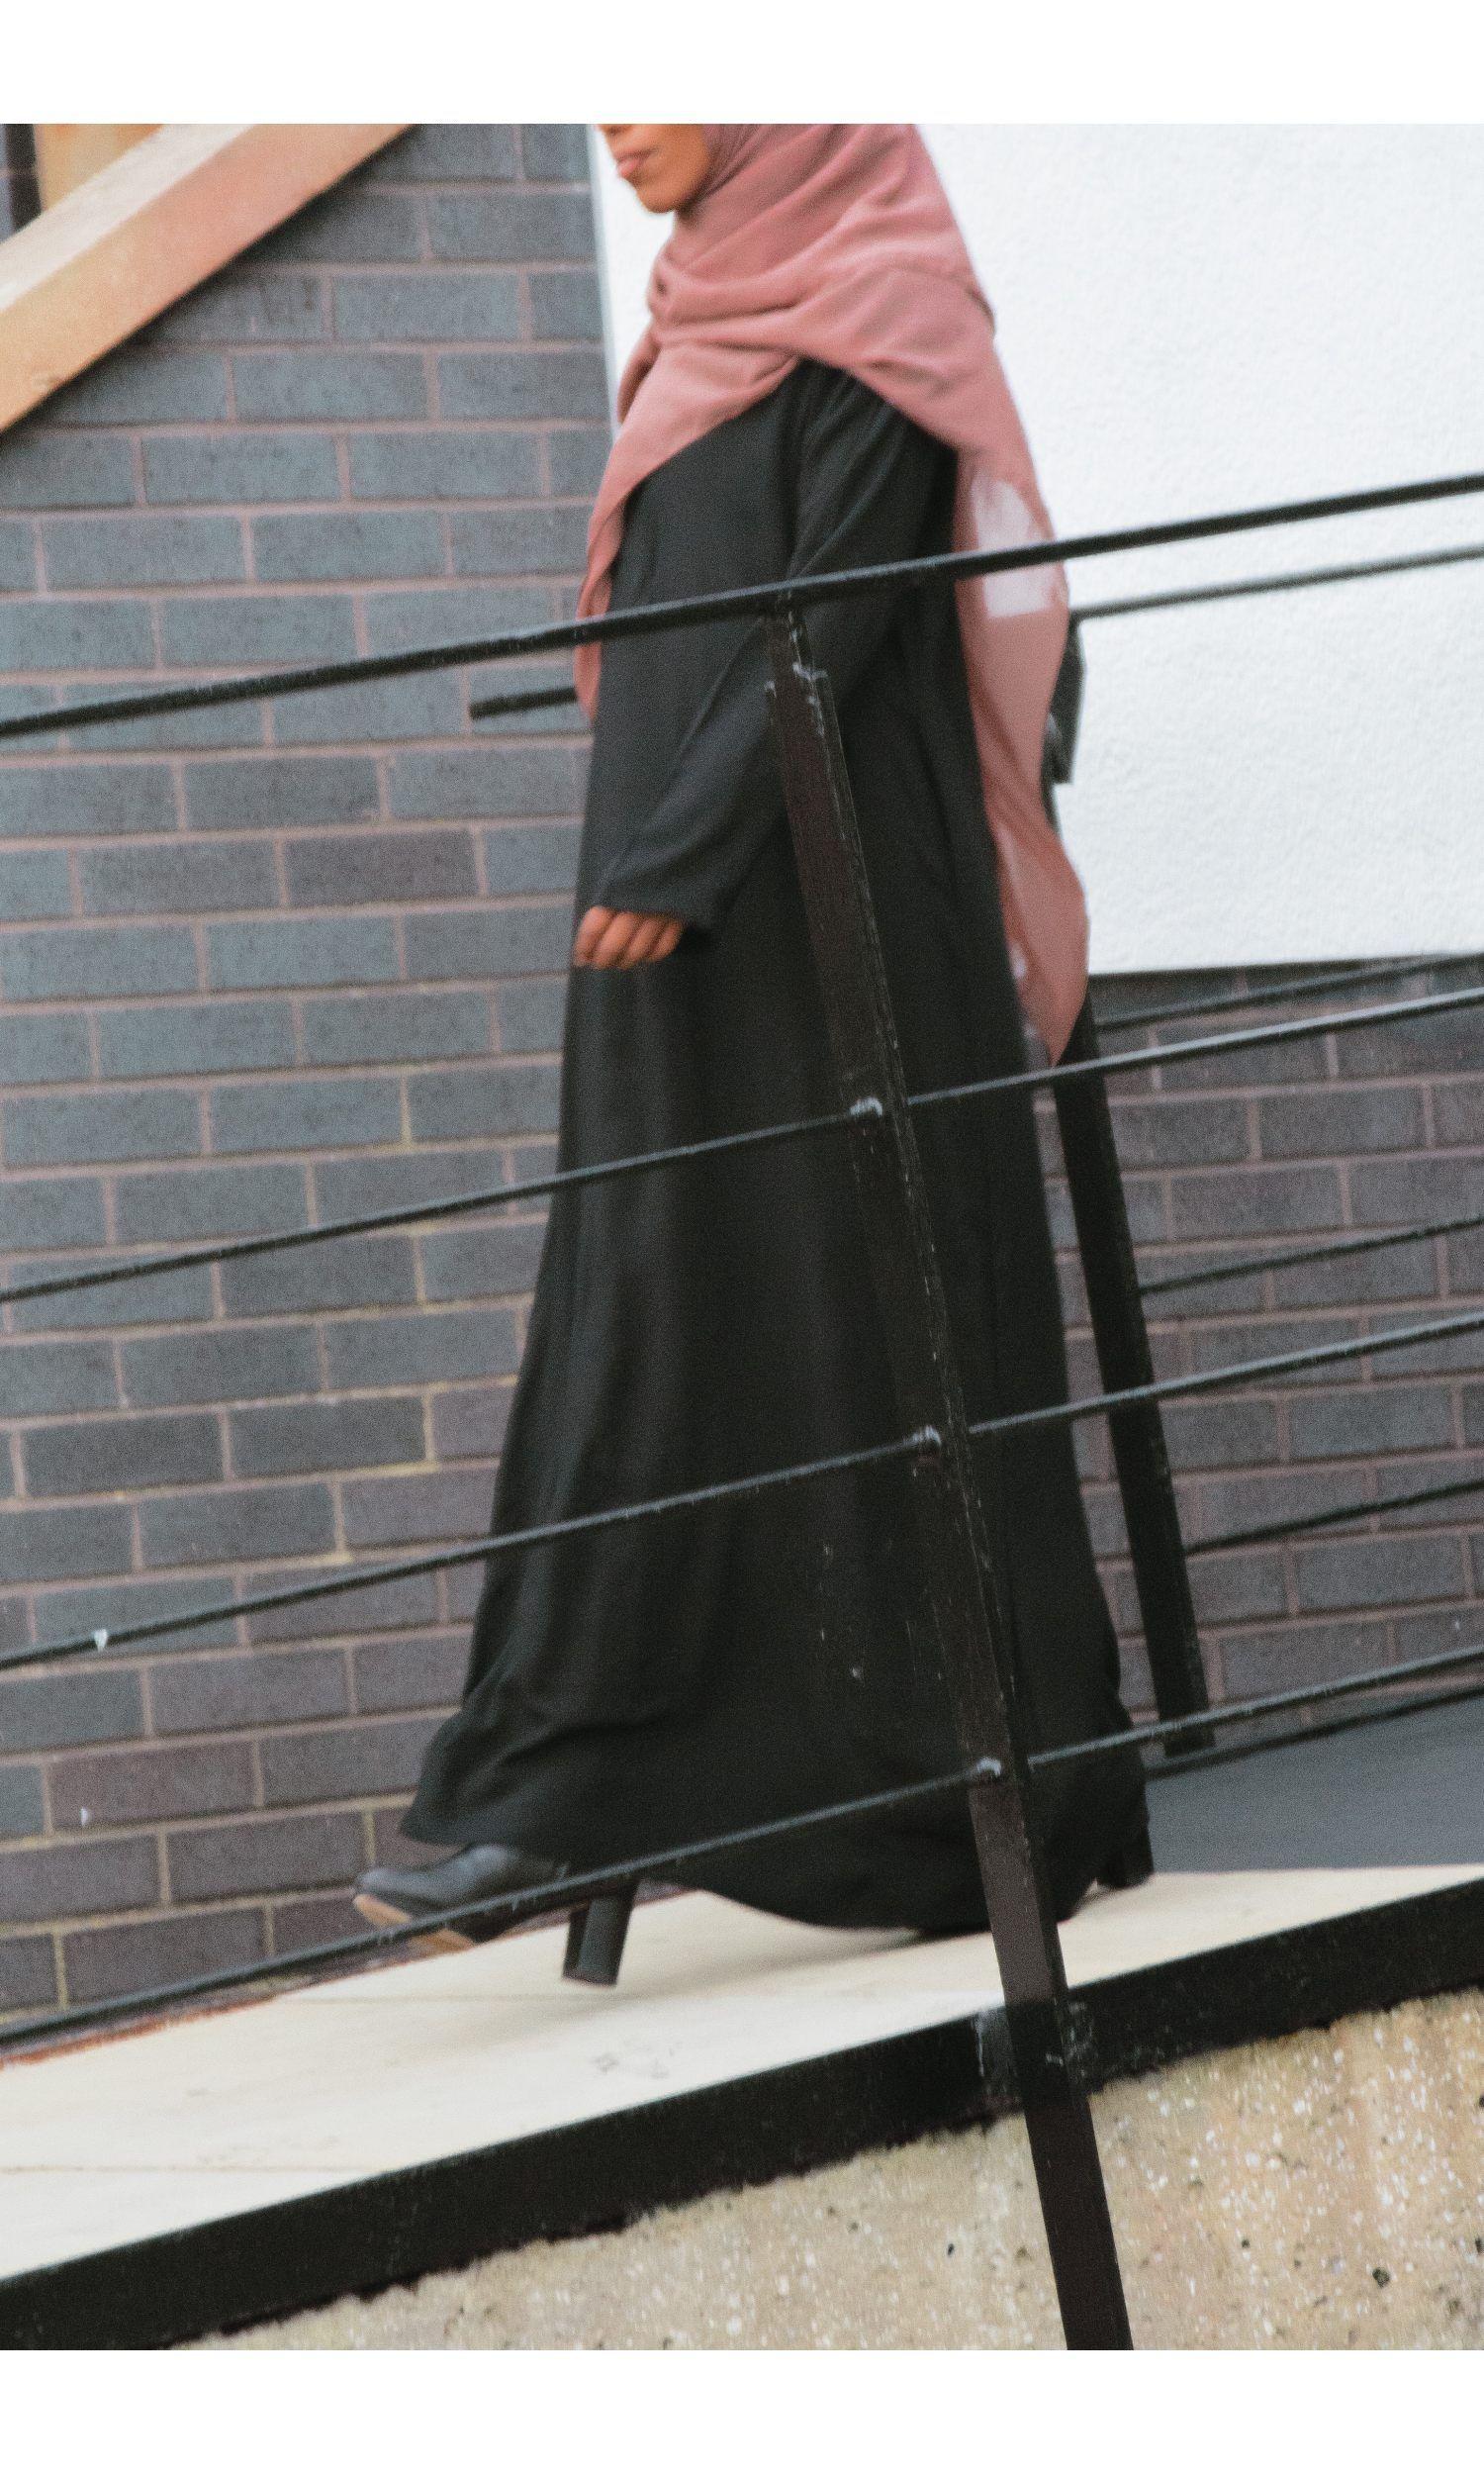 Monochrome Empress Lace abaya